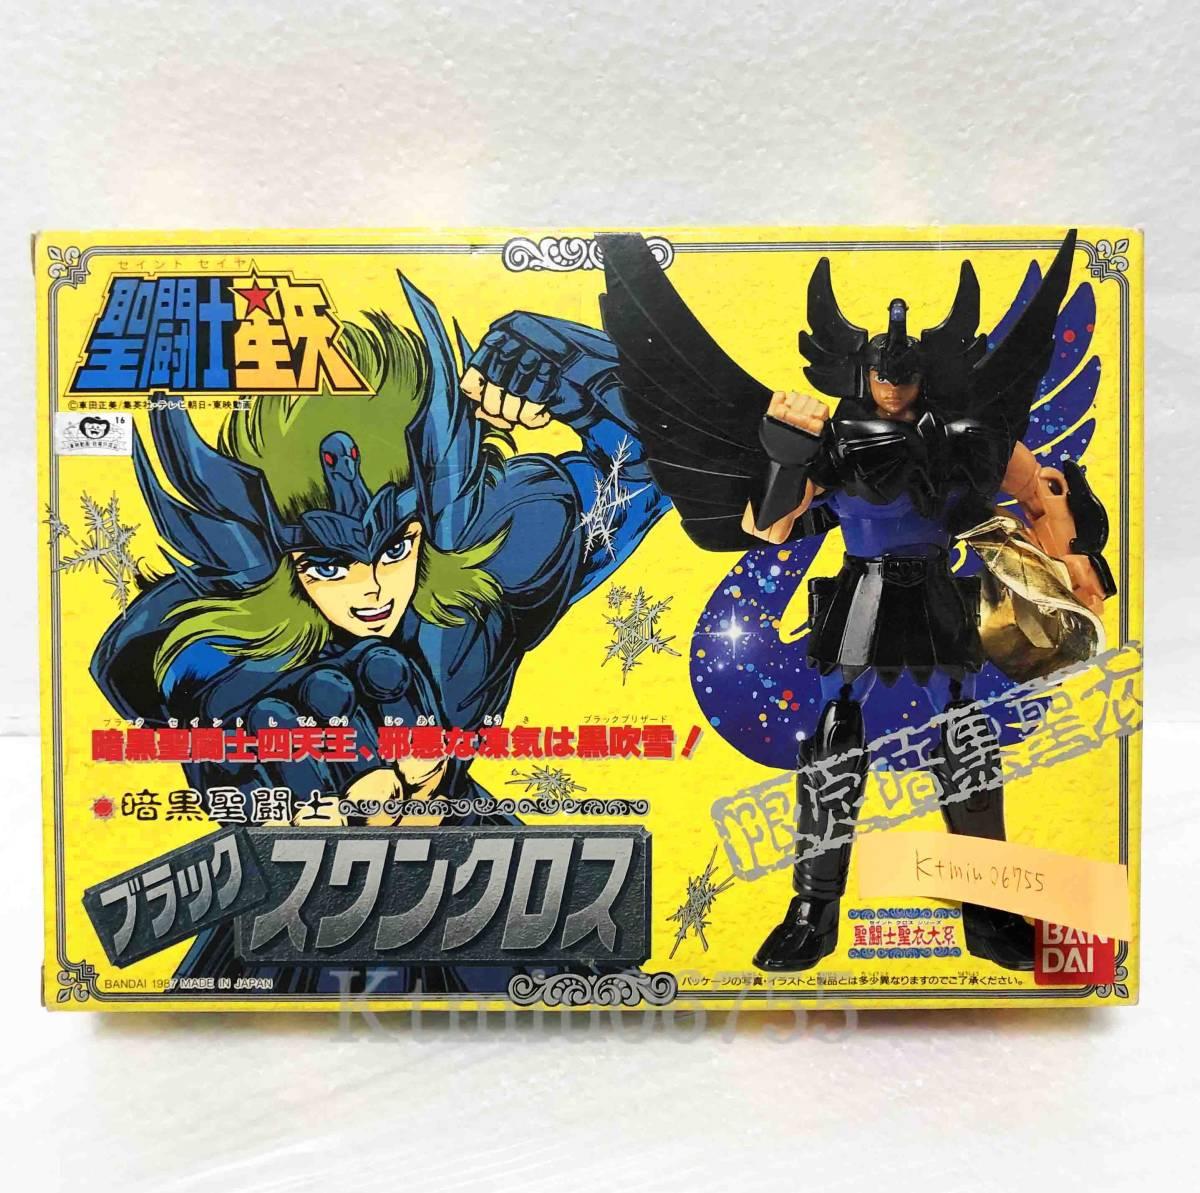 1円~  聖闘士星矢 聖衣 大系 ブラック スワンクロス 昭和 当時物 フィギュア  超合金 少年ジャンプ